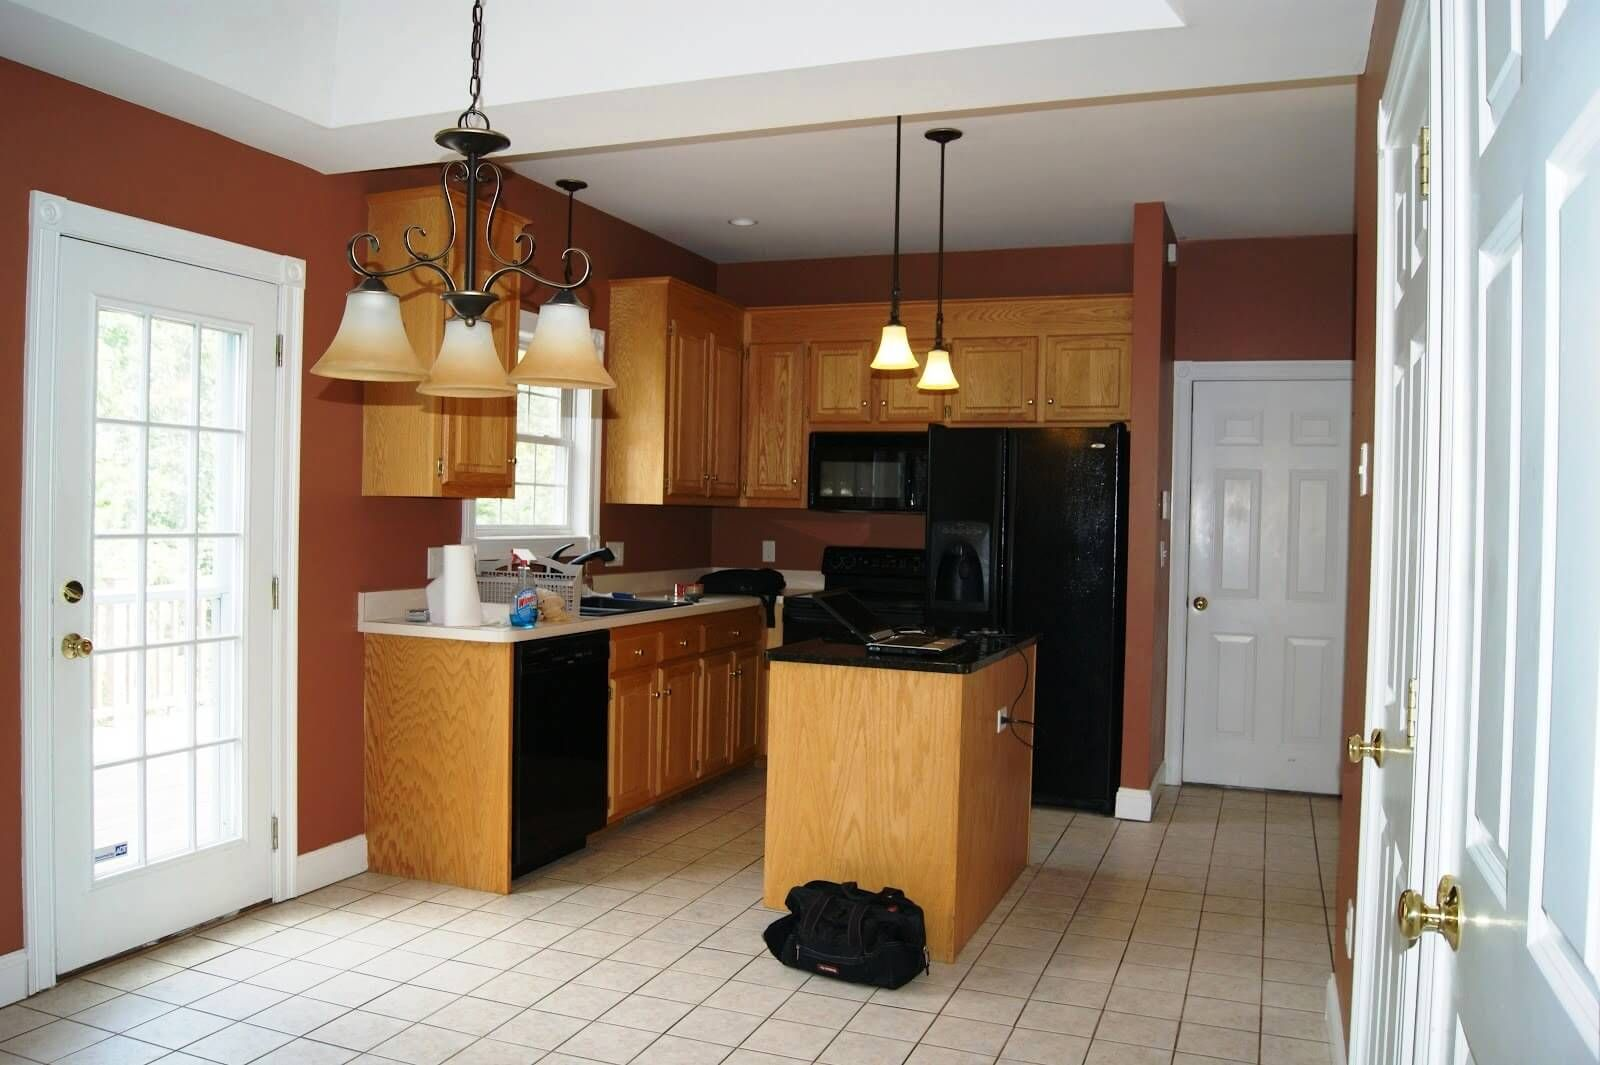 Küche interieur farbschemata herrliche alte küchenschränke  gelb rot blau weiß grün und grau